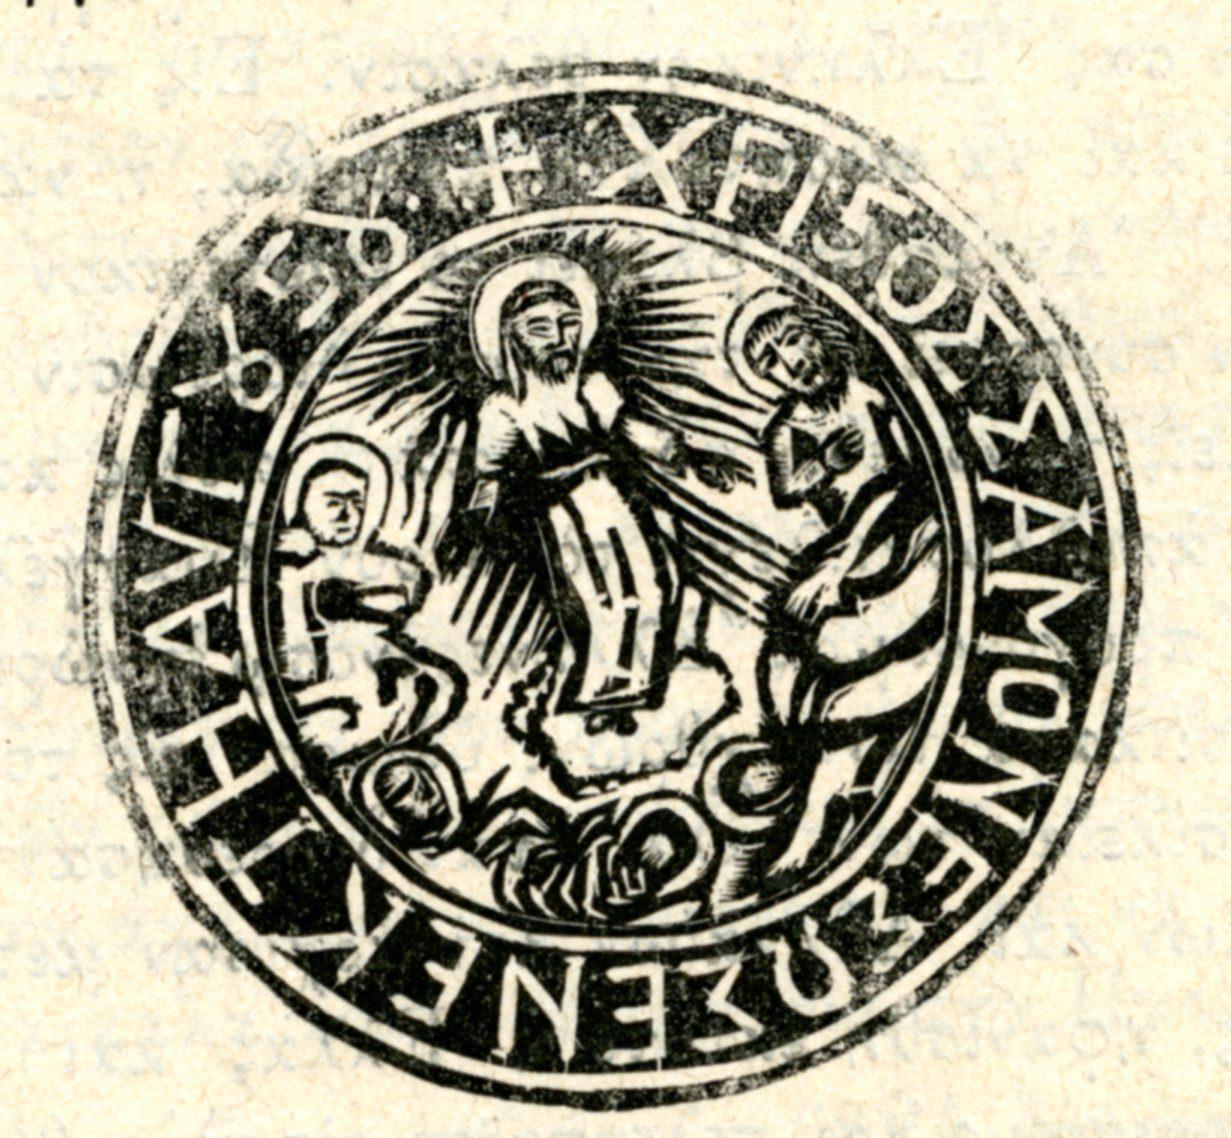 Σφραγίδα της Σάμου 1823